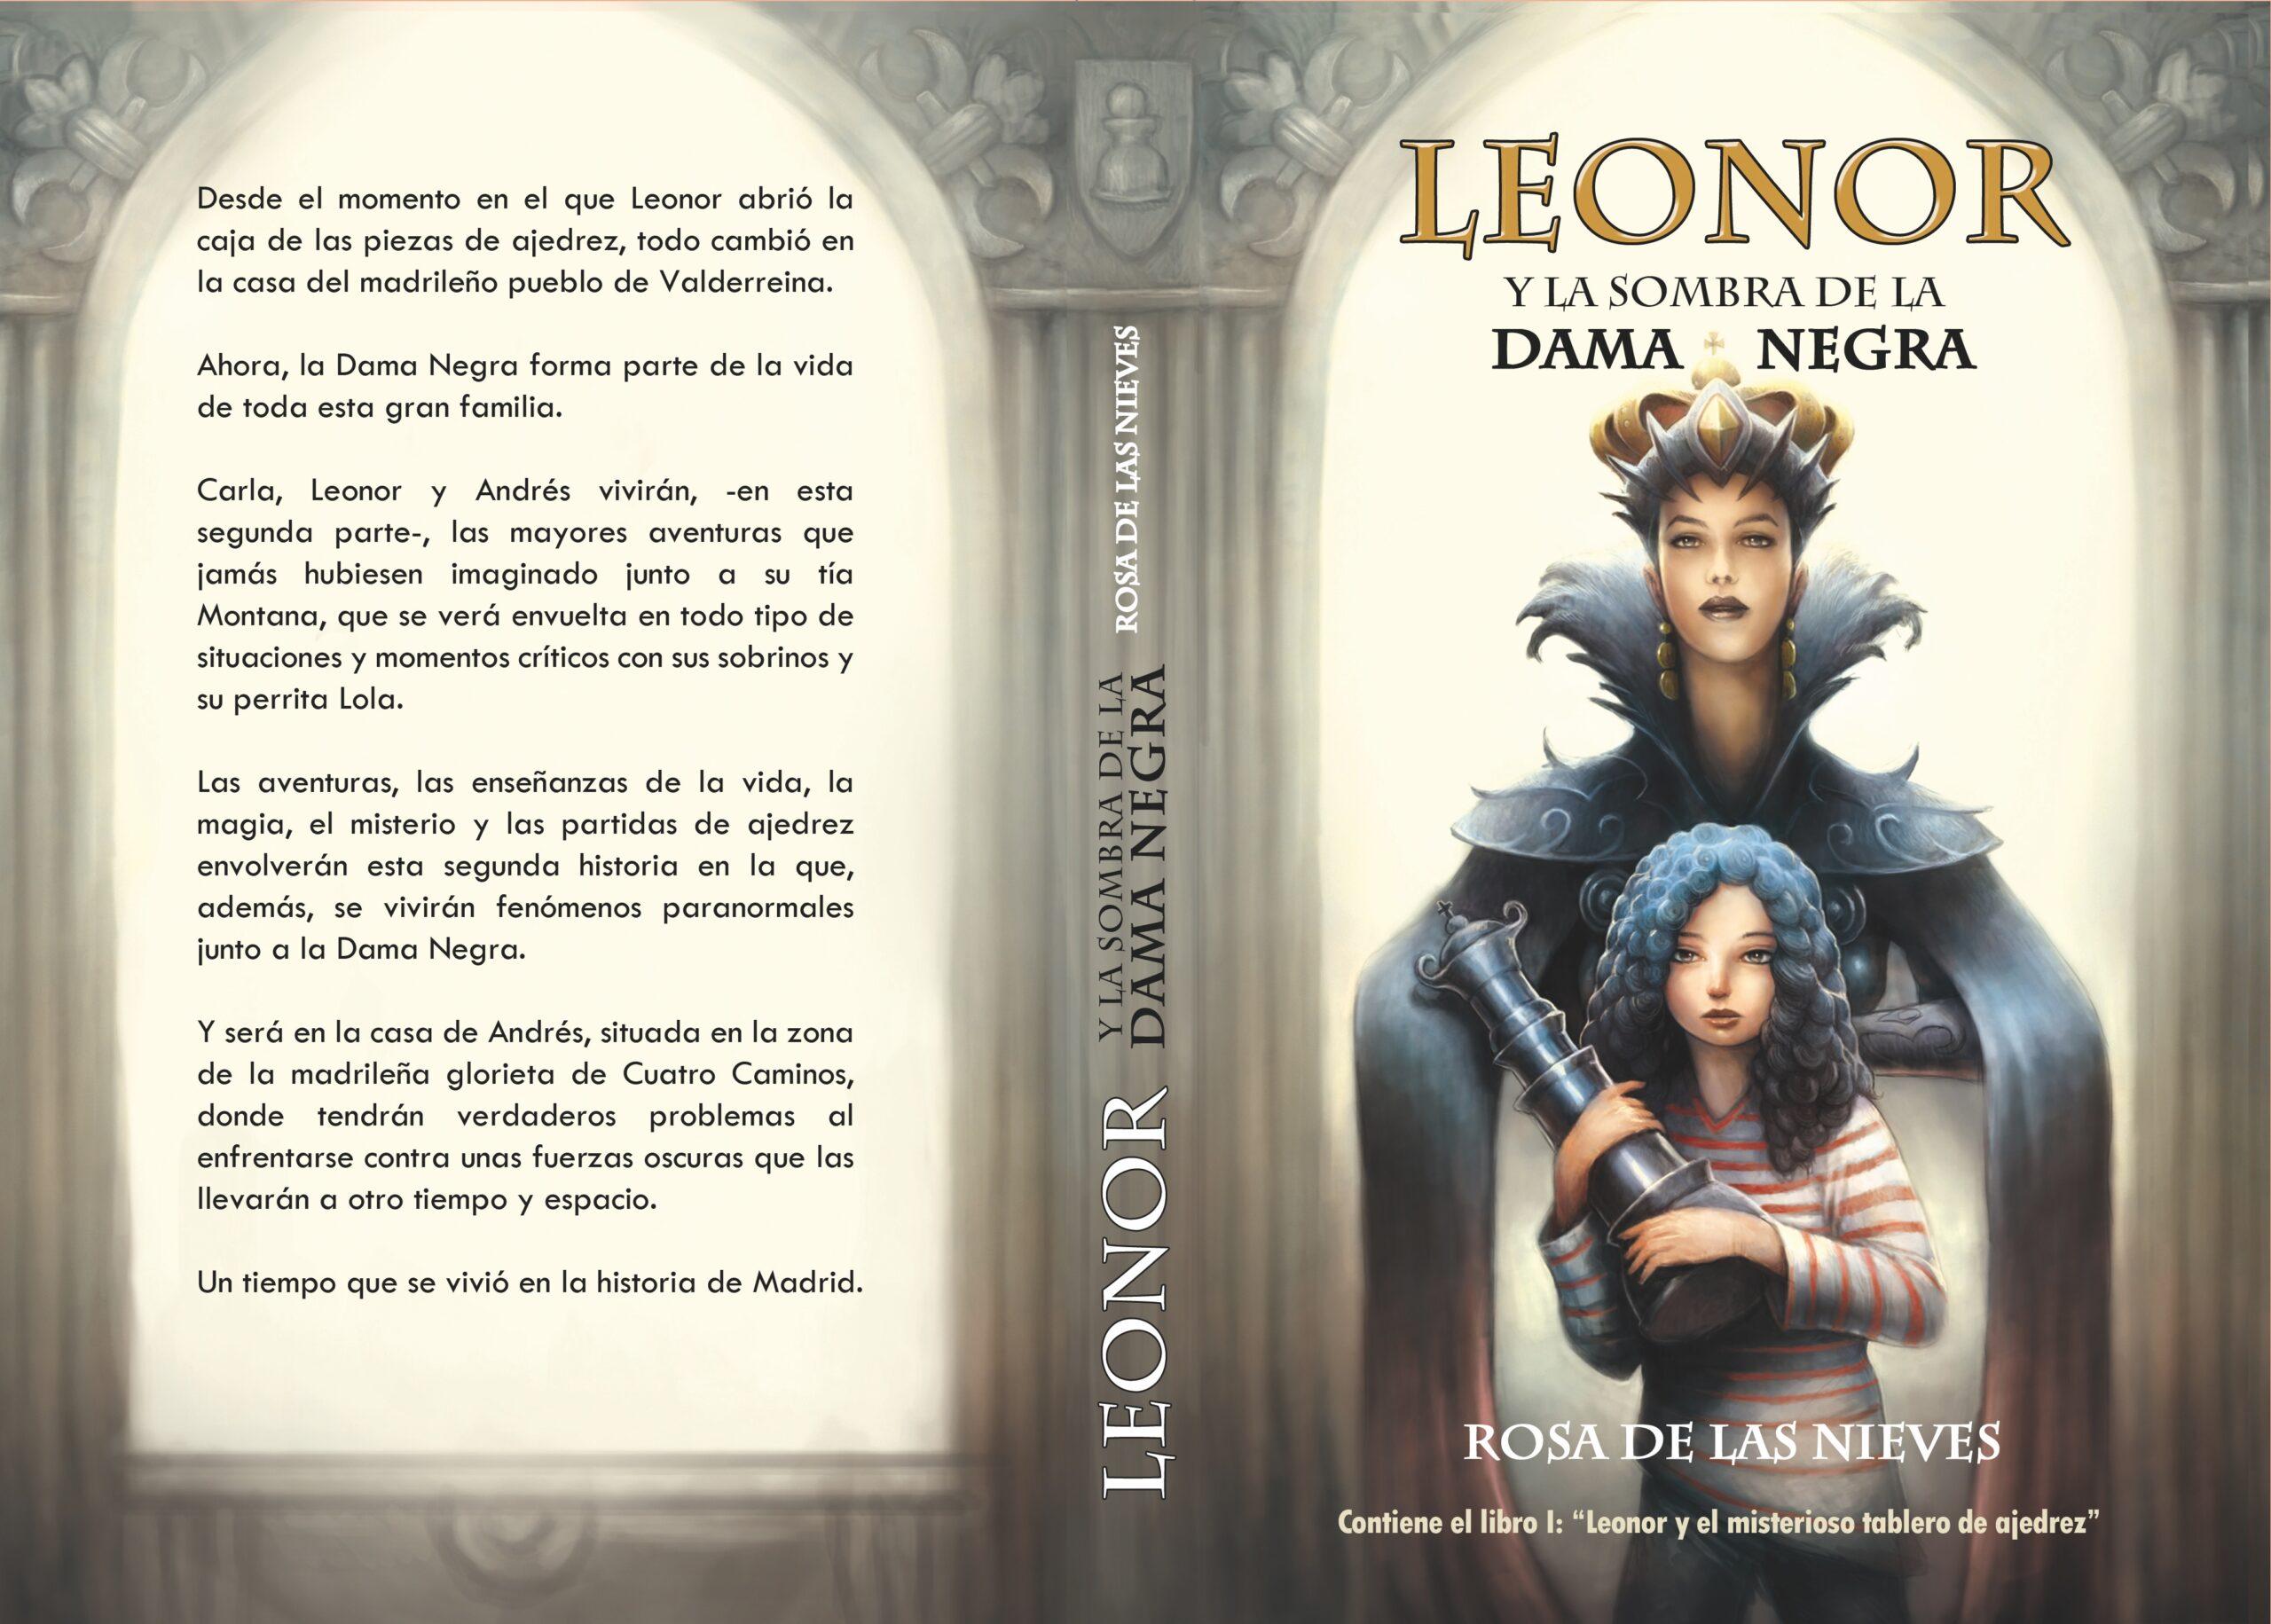 Leonor y la sombra de la dama negra